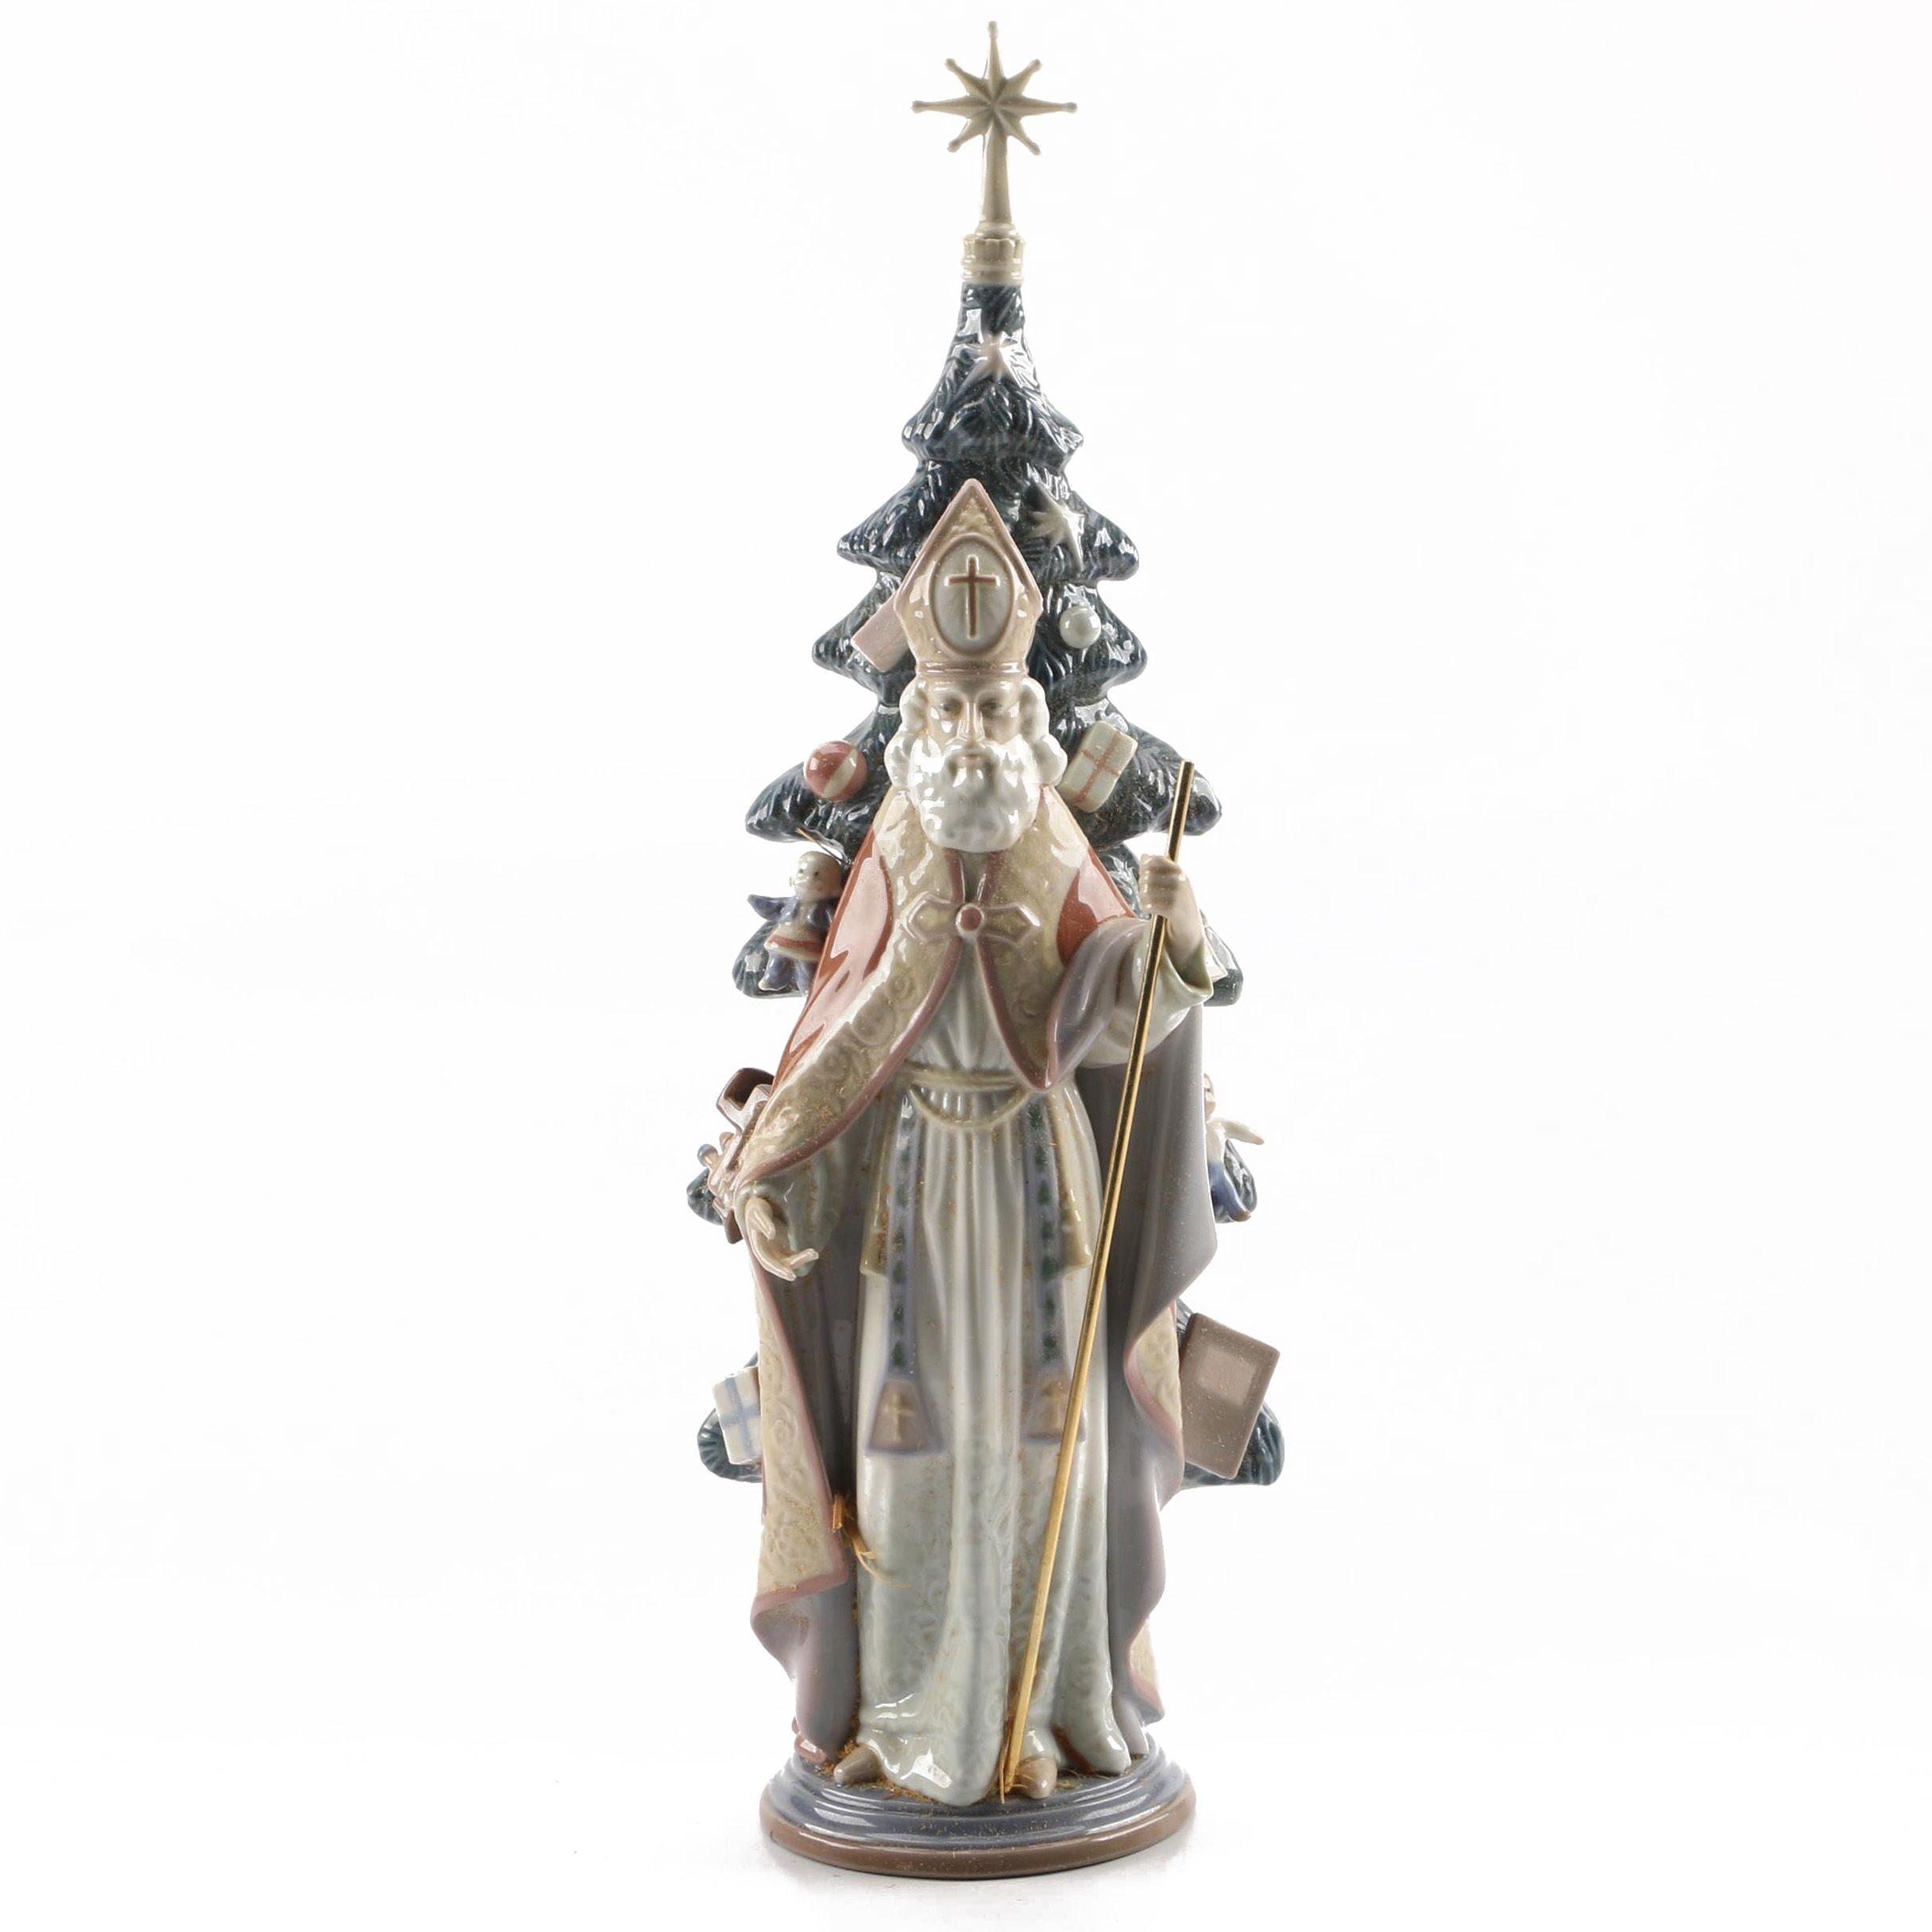 Lladro St. Nicolas Figurine